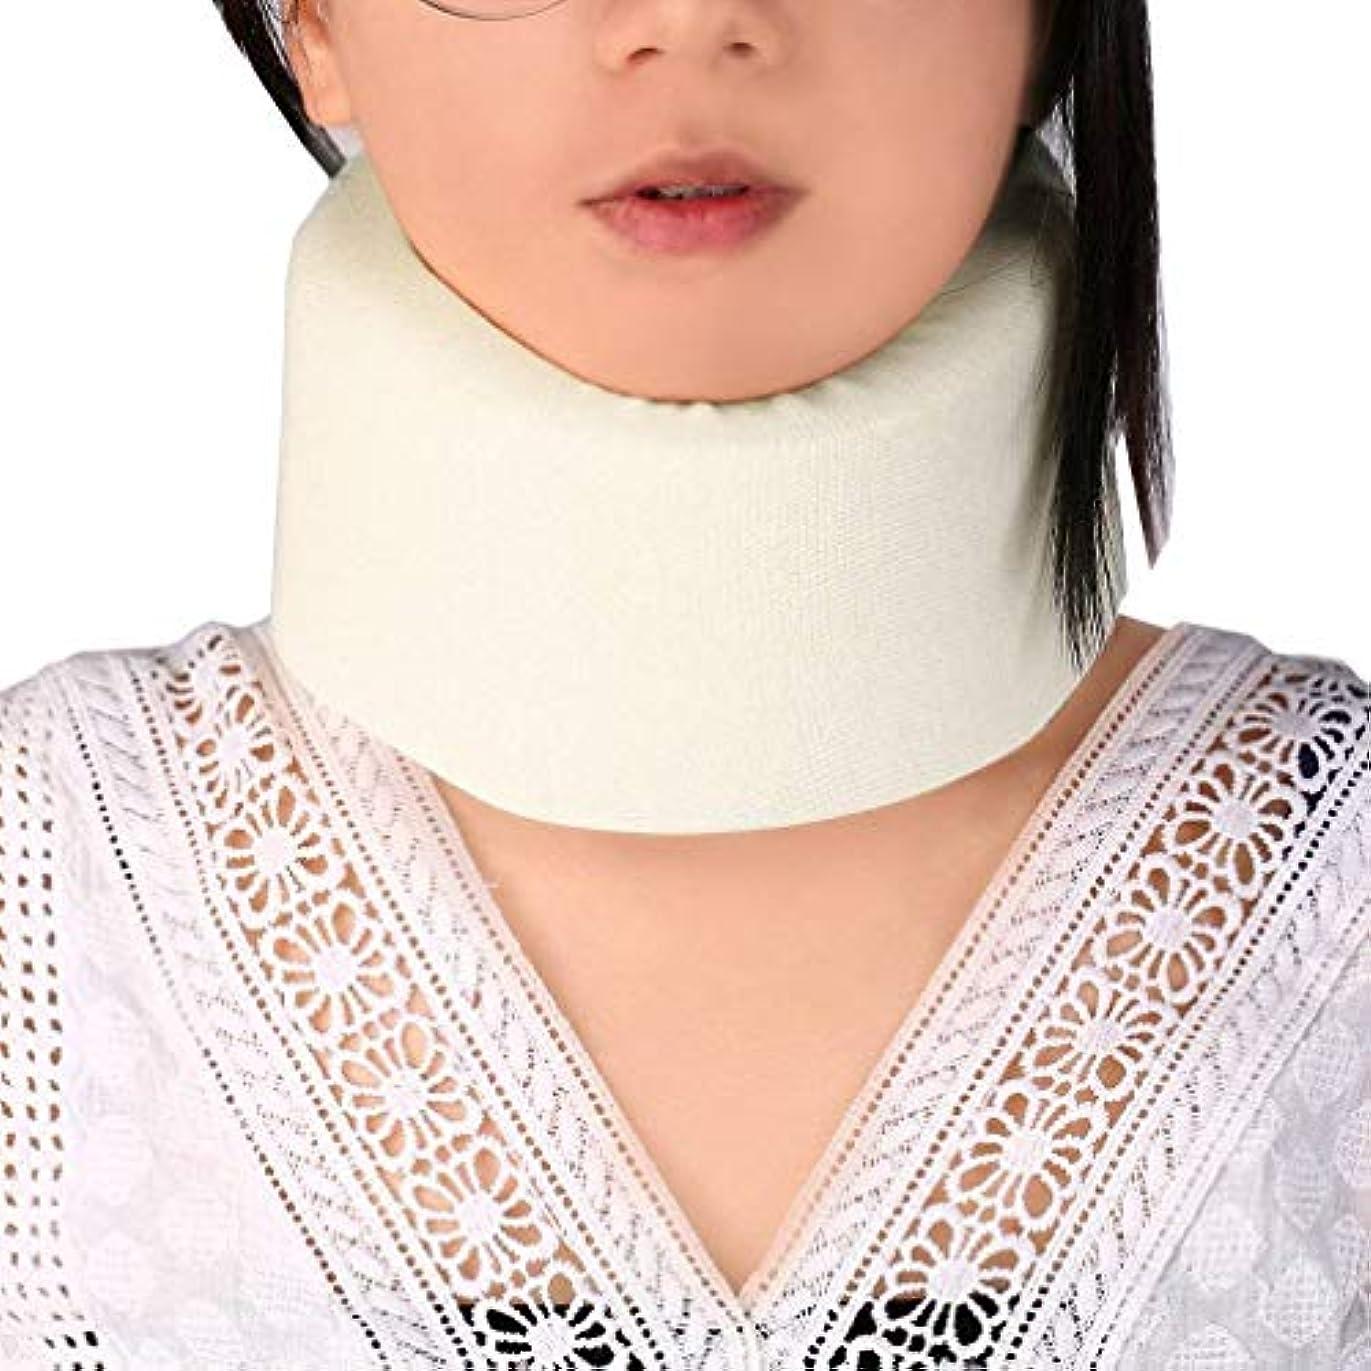 ボンド定数コンプリートOral Dentistry 首 サポーター ソフト 頸椎 首こり ソフト頸椎カラー 肩の痛みの軽減 着脱 簡単 男女兼用 ホワイト